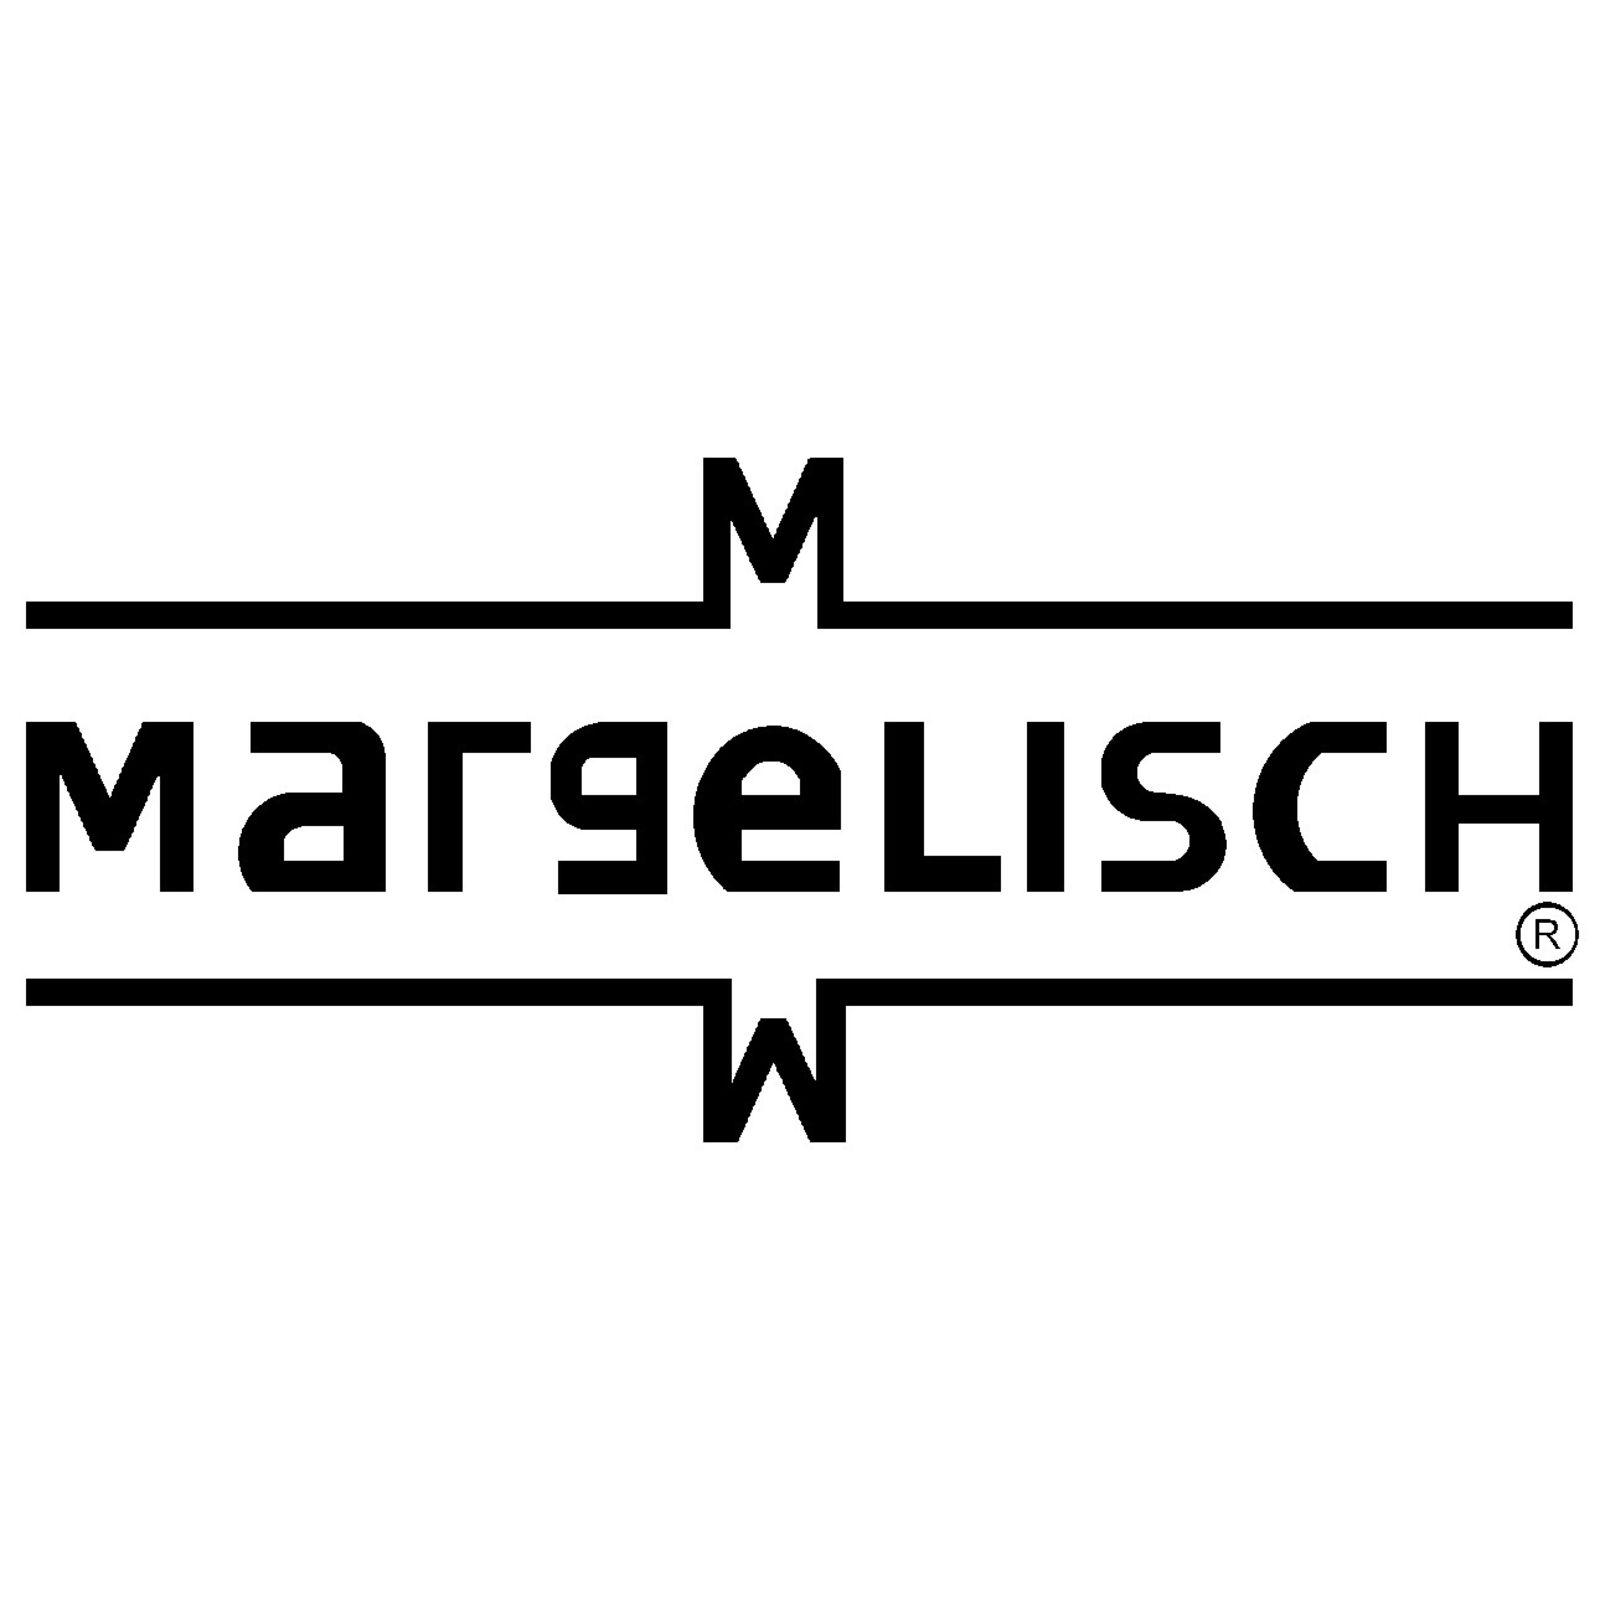 MARGELISCH